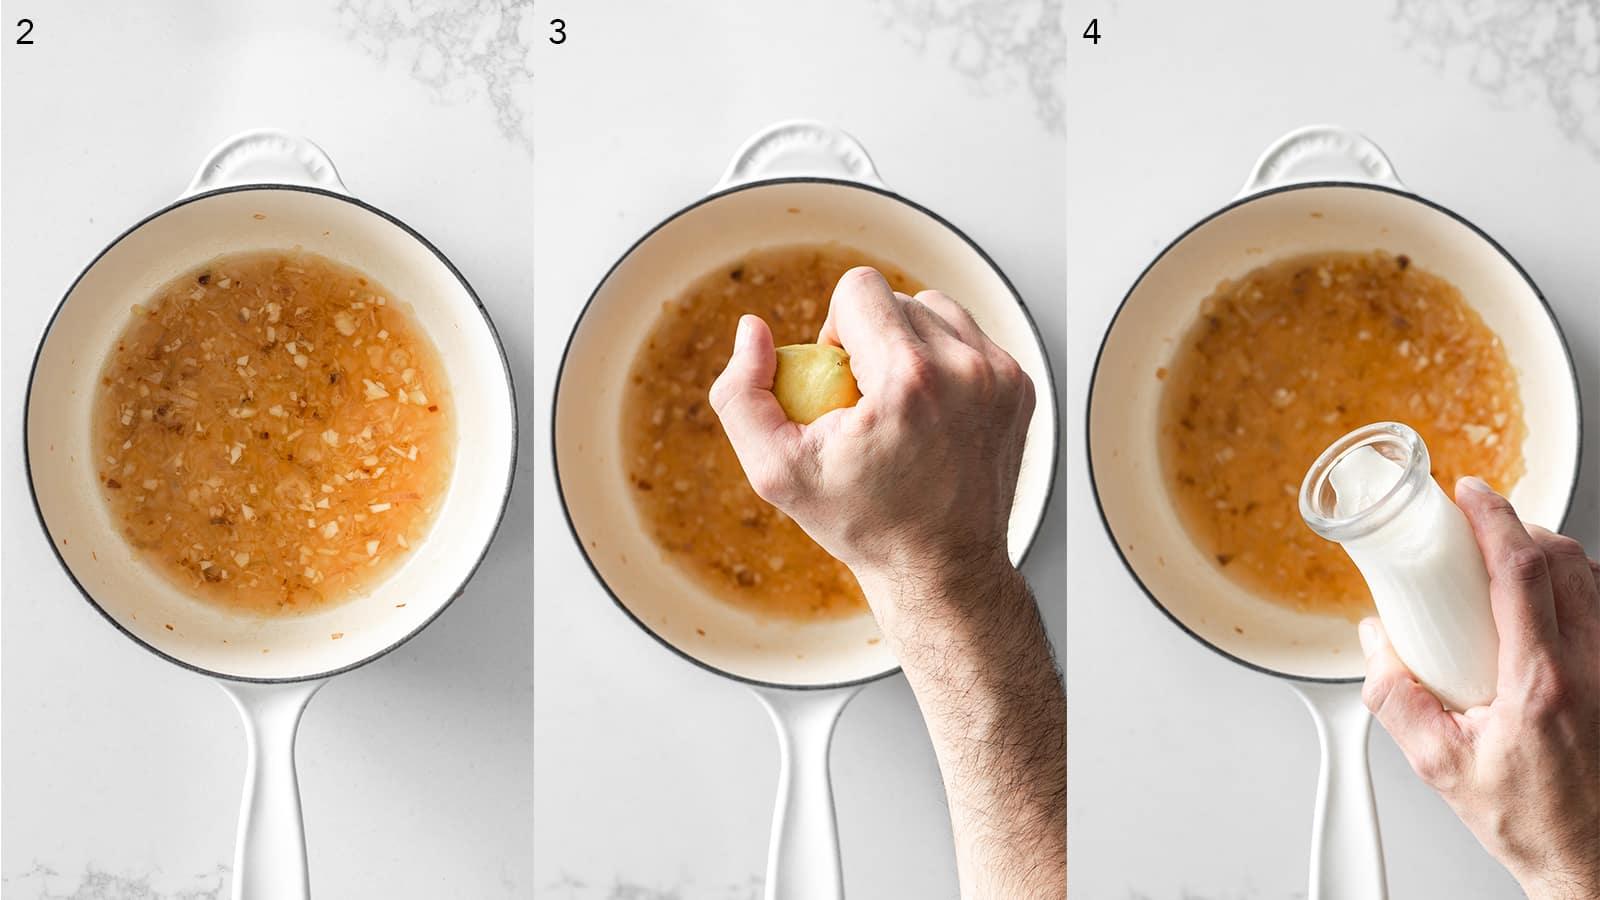 Steps for making lemon cream sauce.